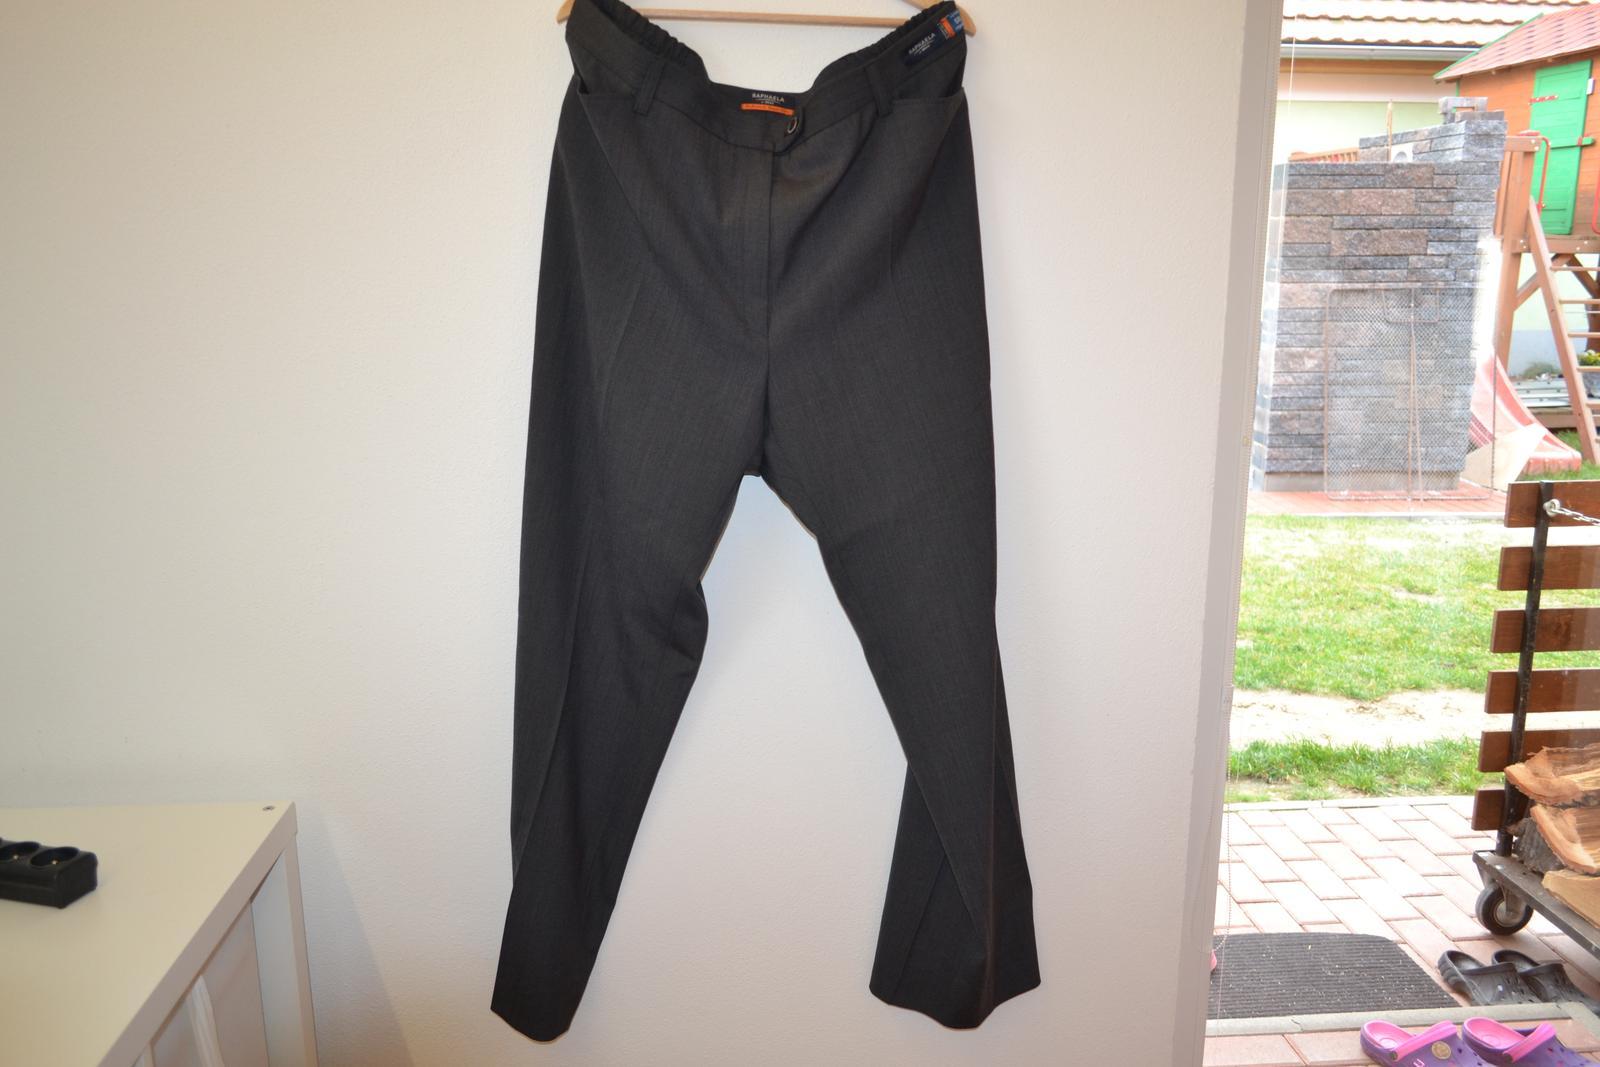 Kalhoty společenské s vlnou - pouze vyzkoušené - Obrázek č. 2